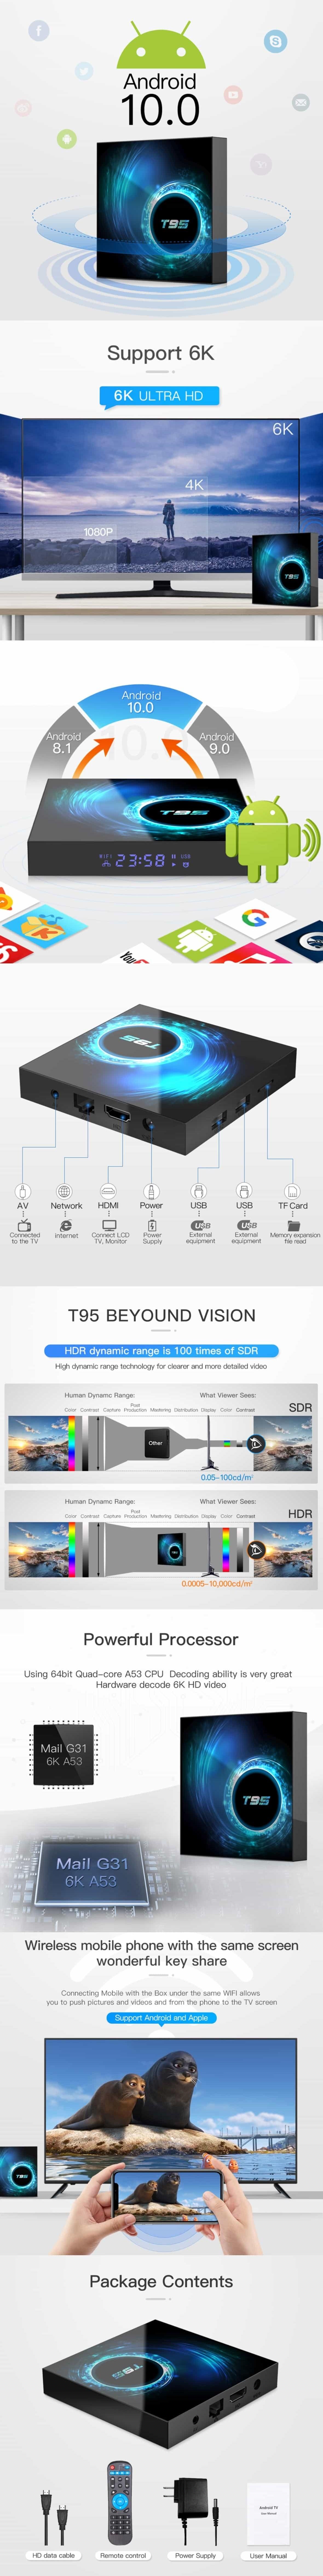 Prezentare-TV-Box-T95-H616-2x166a332f627f315eab.jpg